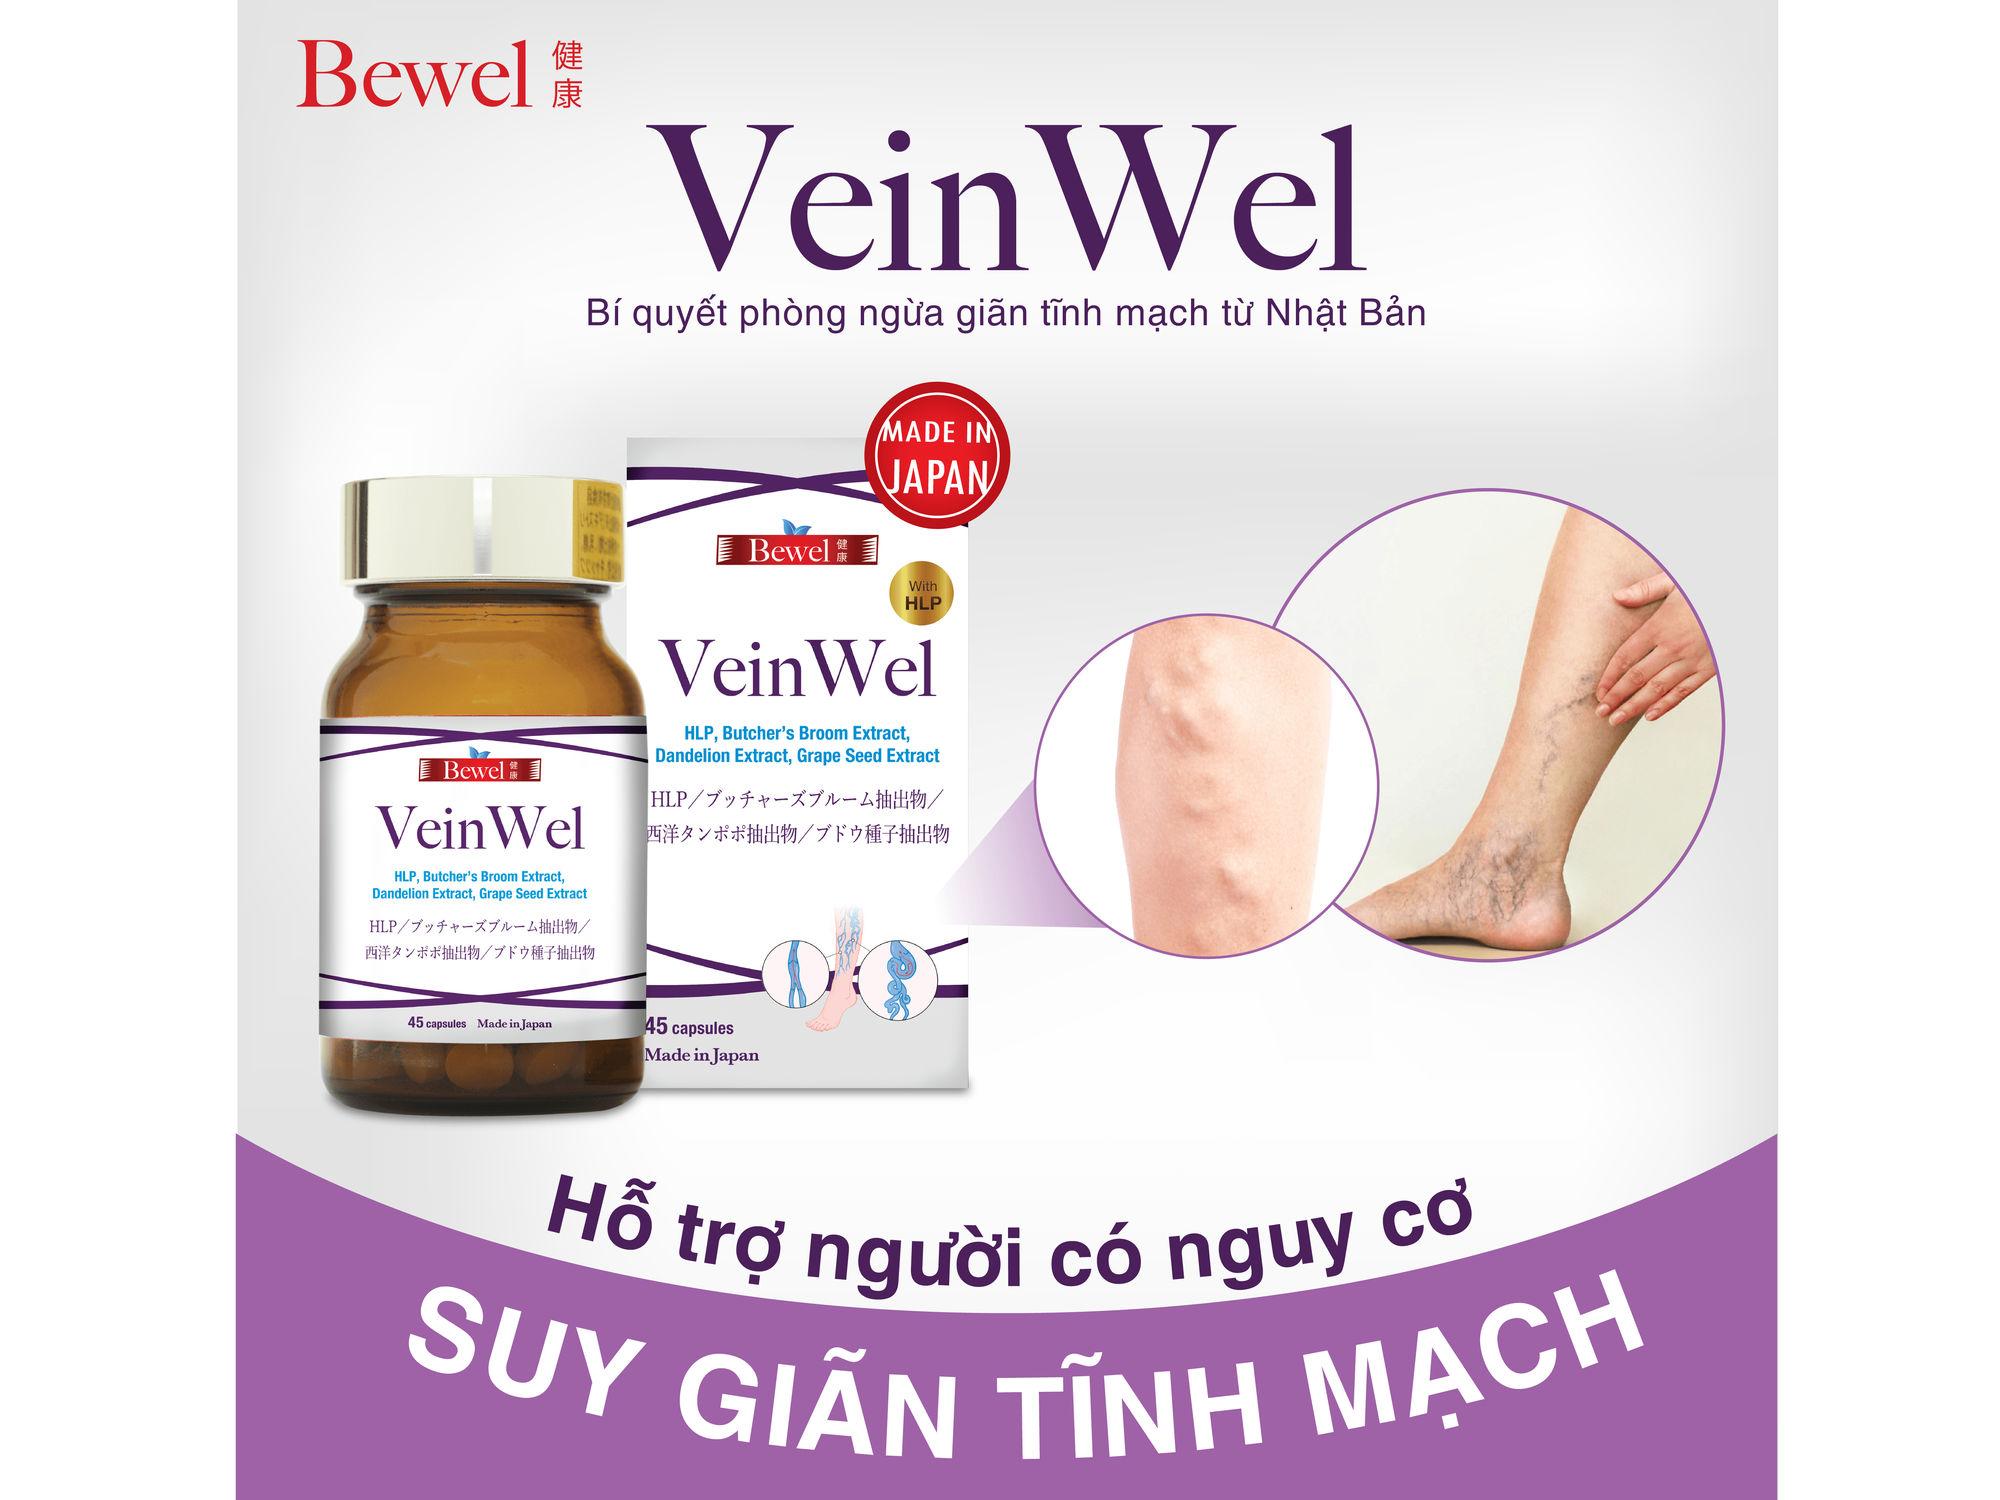 Thực phẩm chức năng Bewel Veinwel